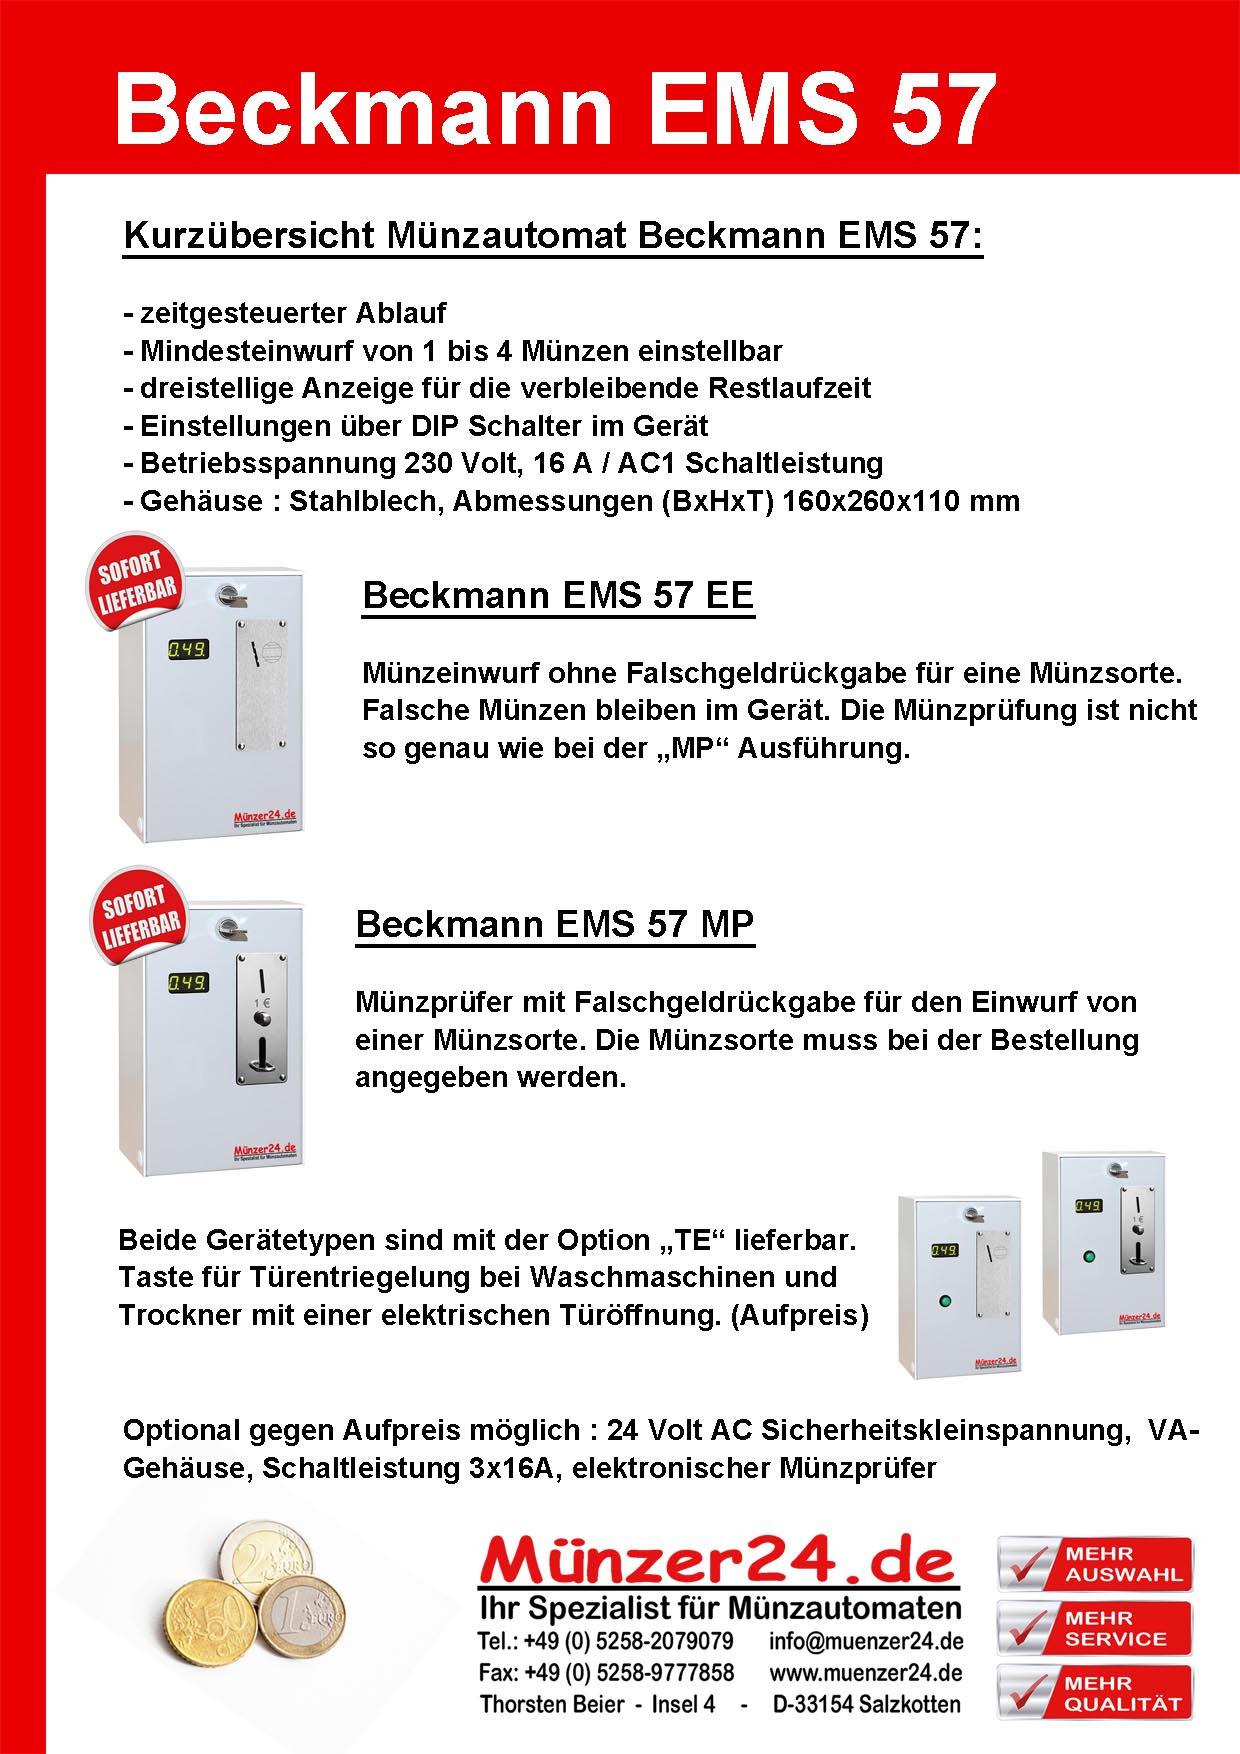 Beckmann EMS 57